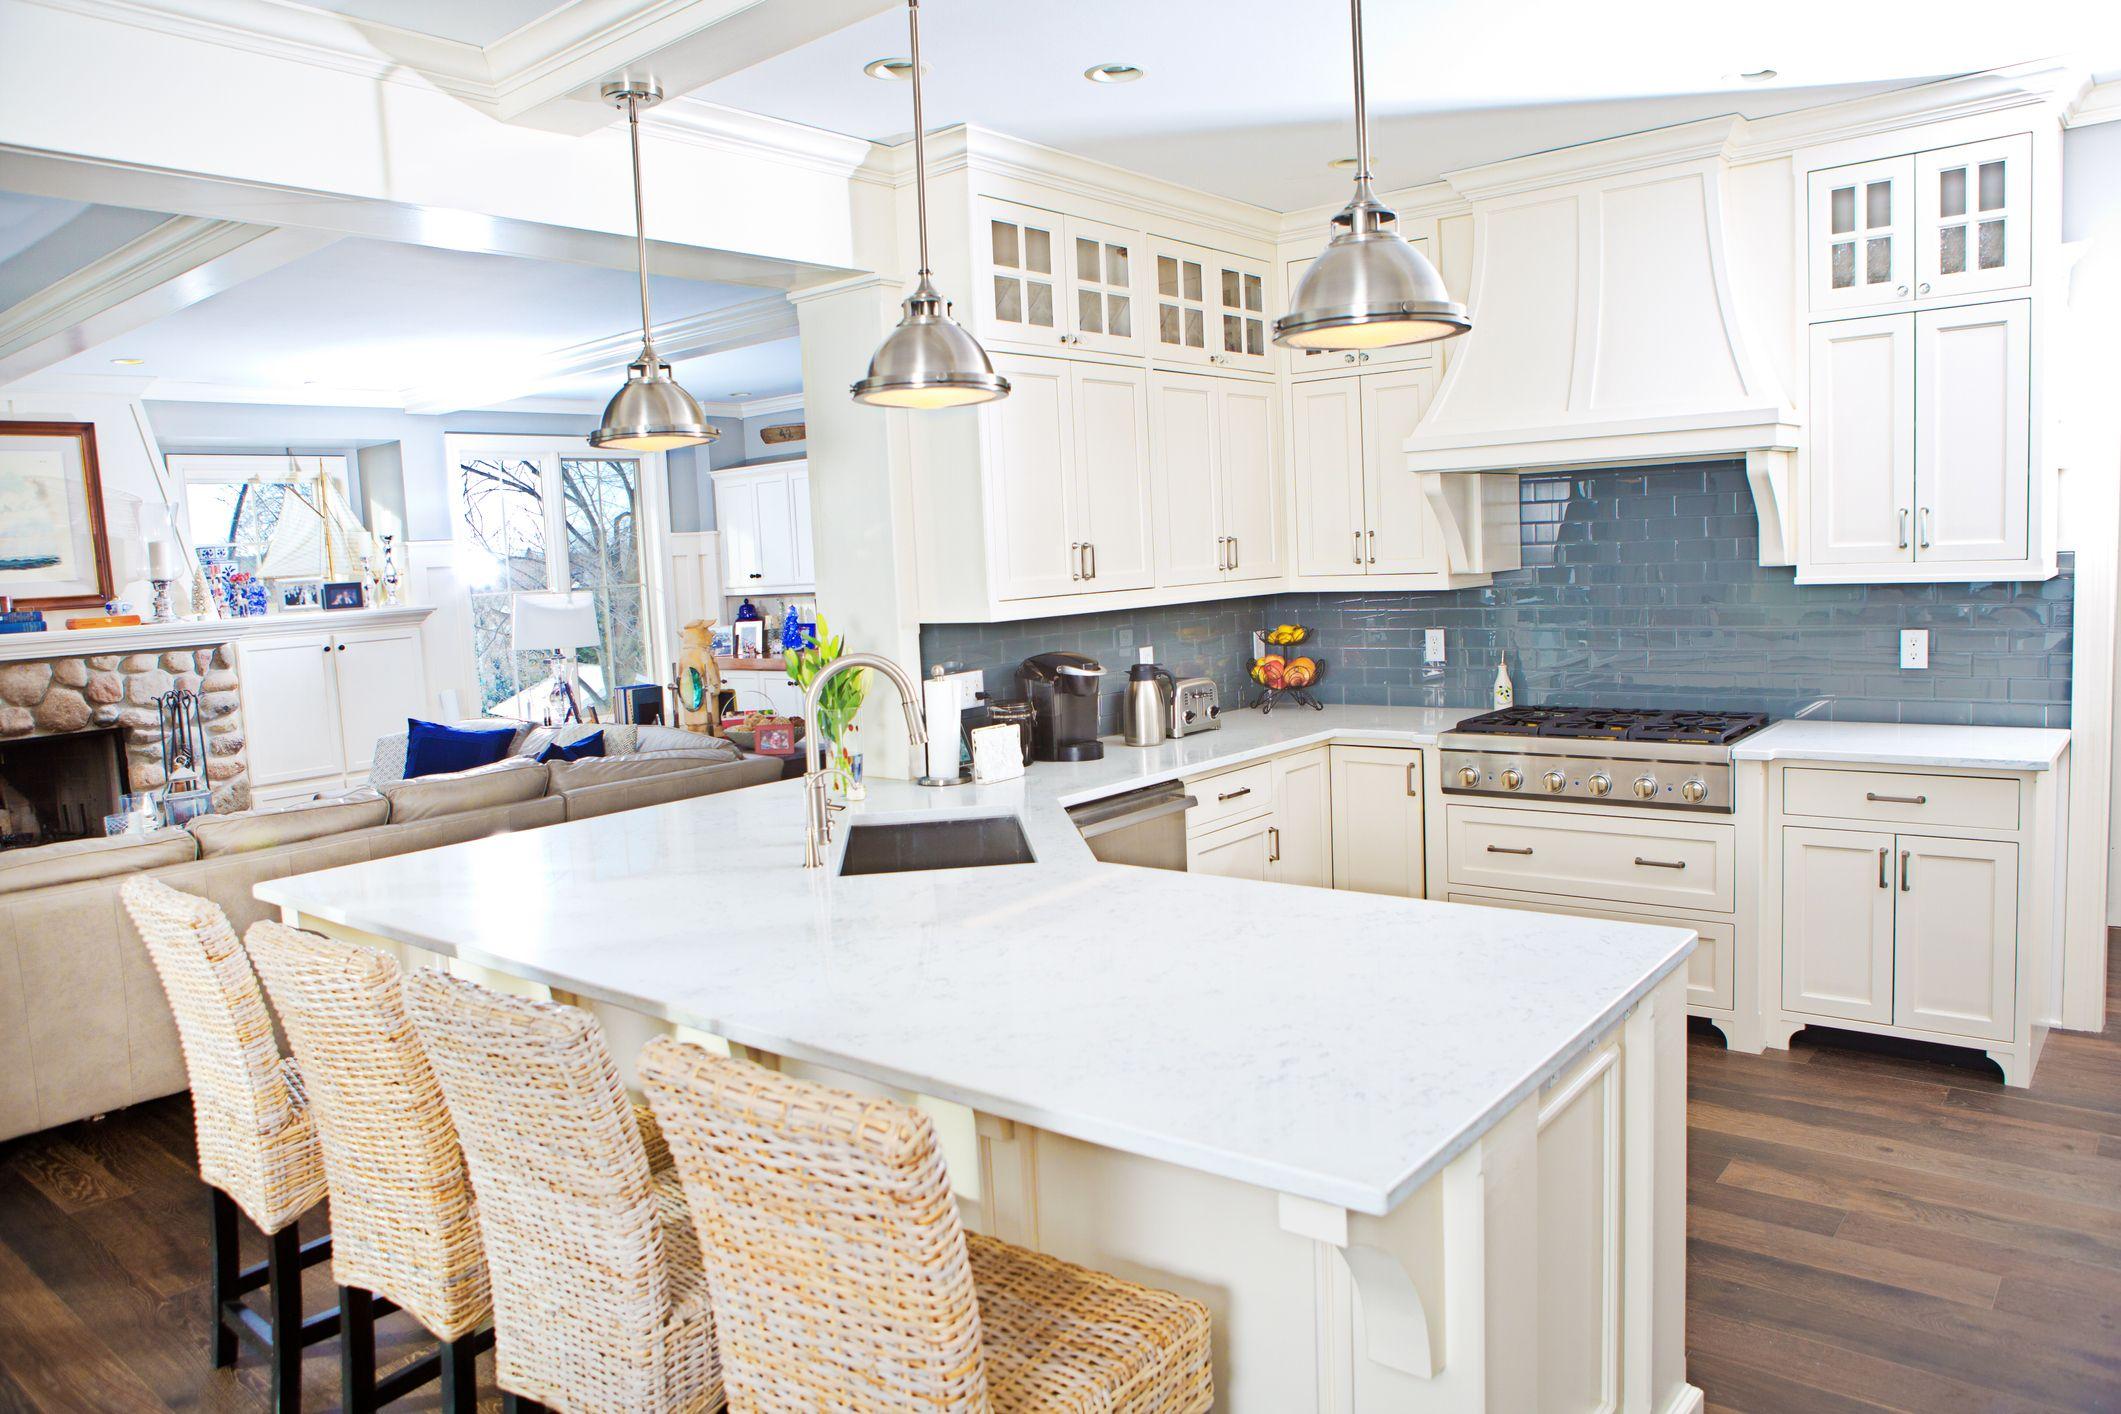 Kitchen Backsplash Tiling How To Tile A Backsplash